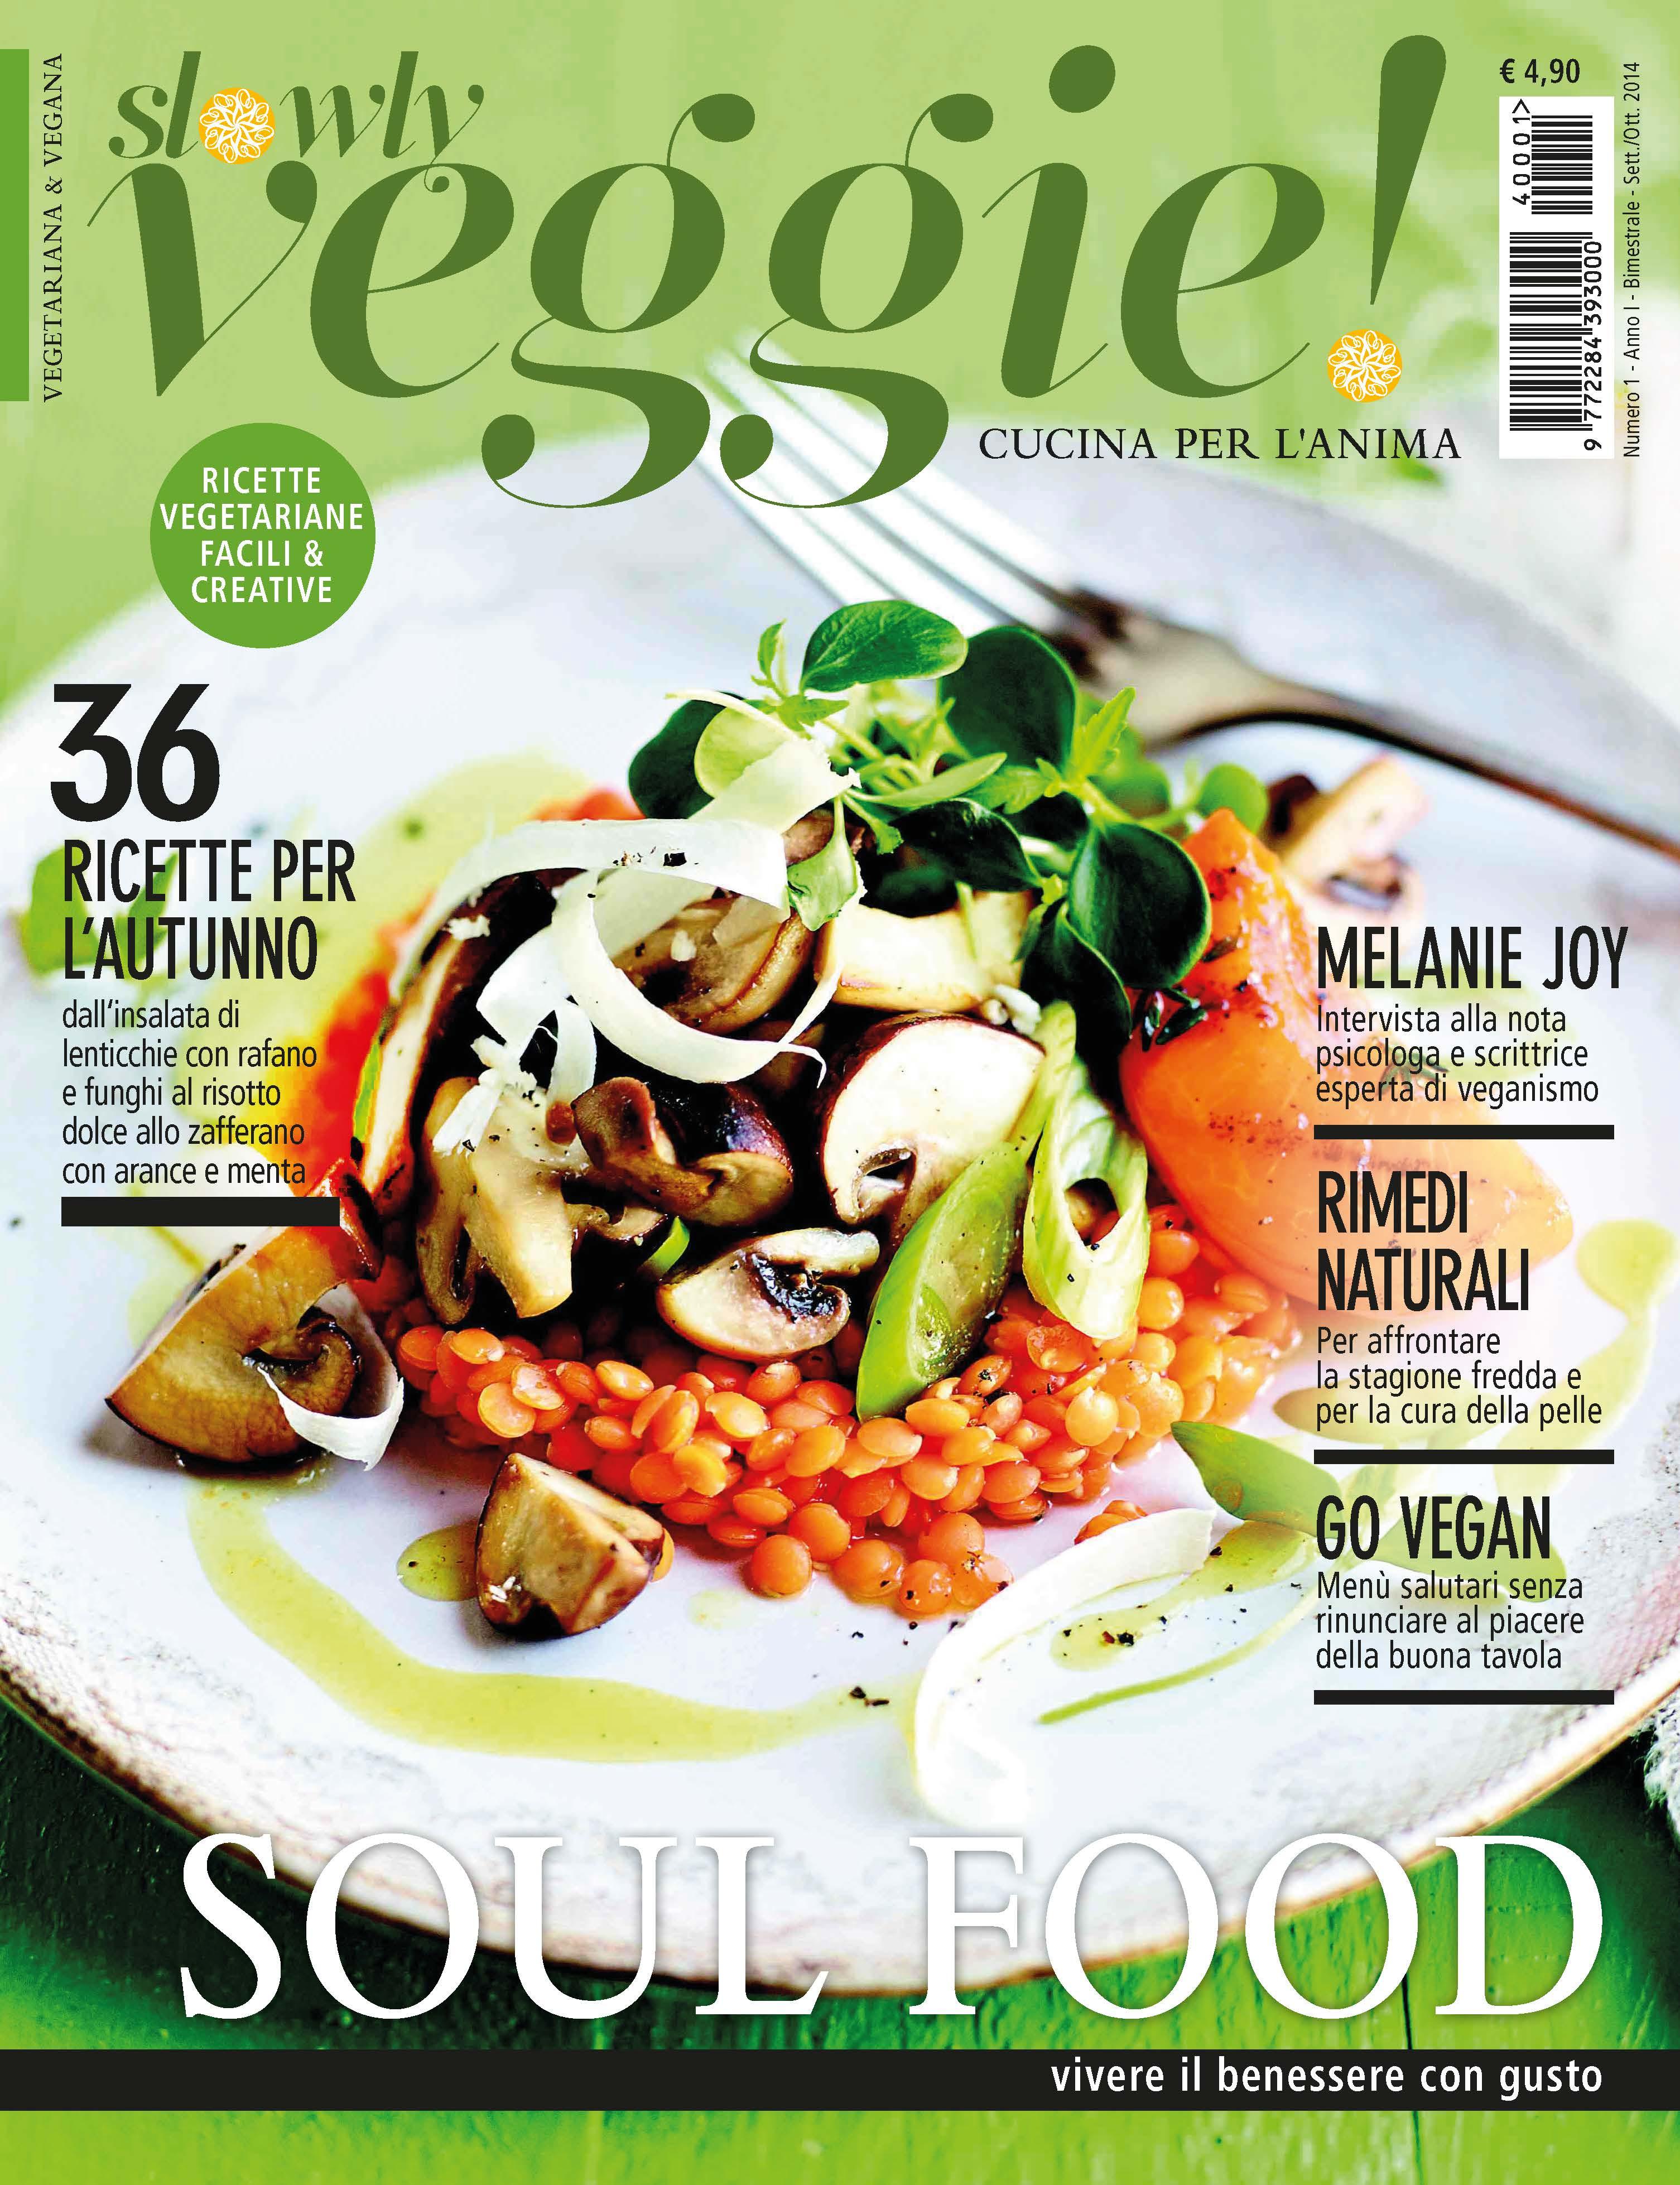 lunica rivista di cucina vegetariana e vegana che conquista anche chi non conosce le meraviglie di unalimentazione green